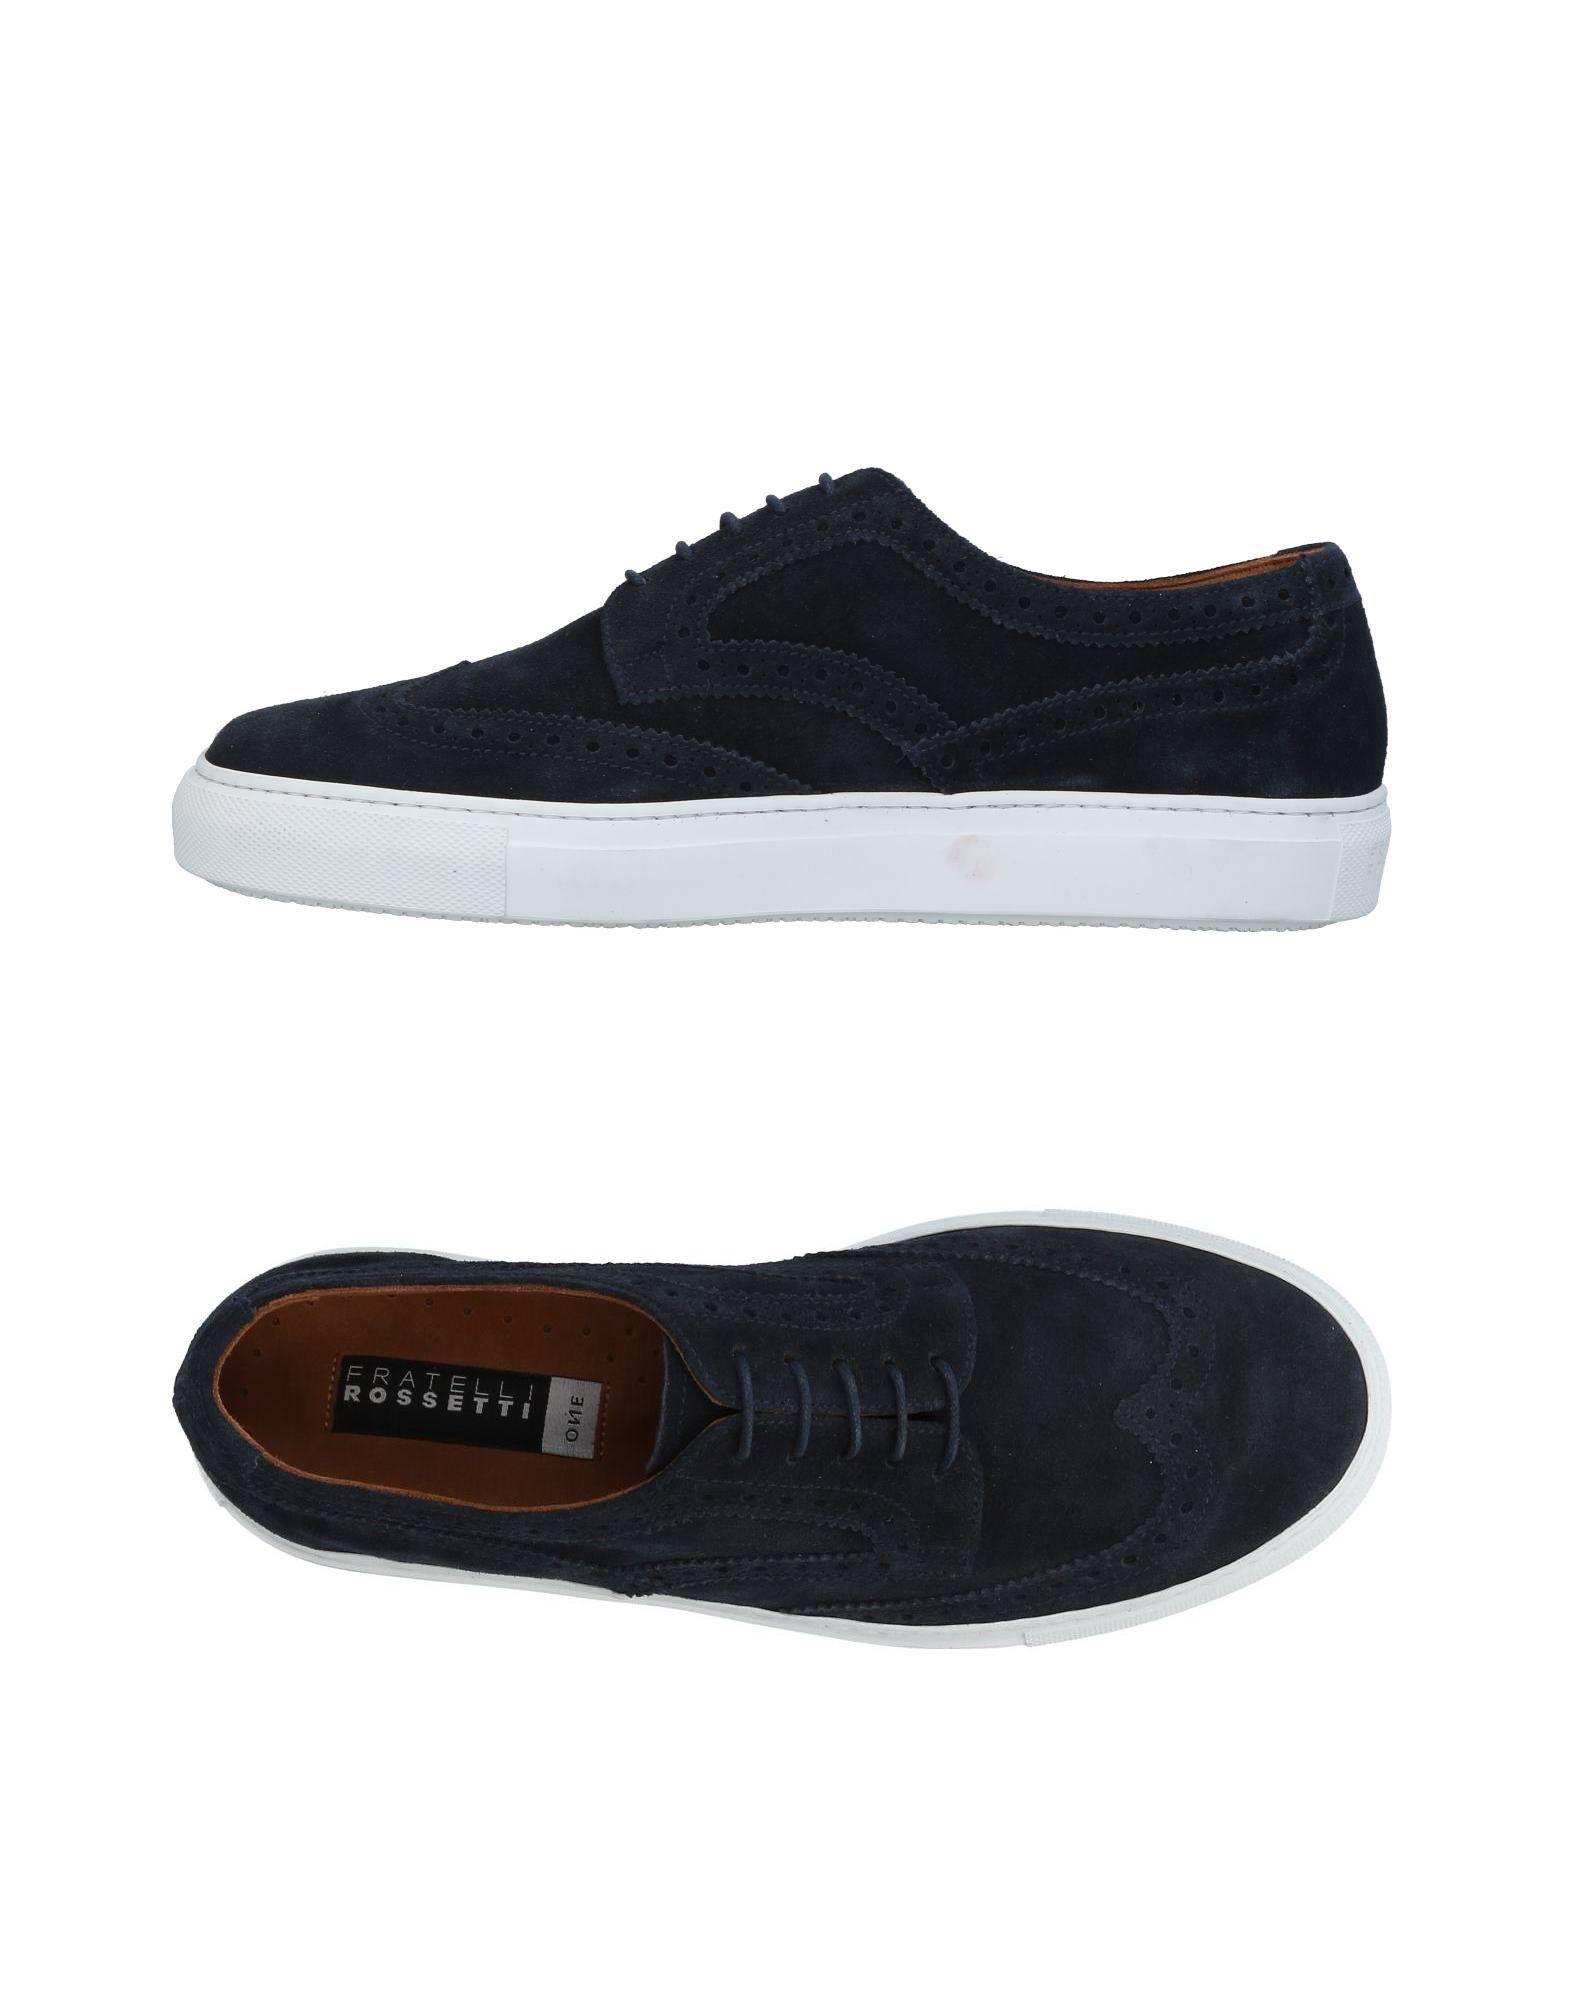 Fratelli Rossetti Sneakers Herren  11440548FV Gute Qualität beliebte Schuhe